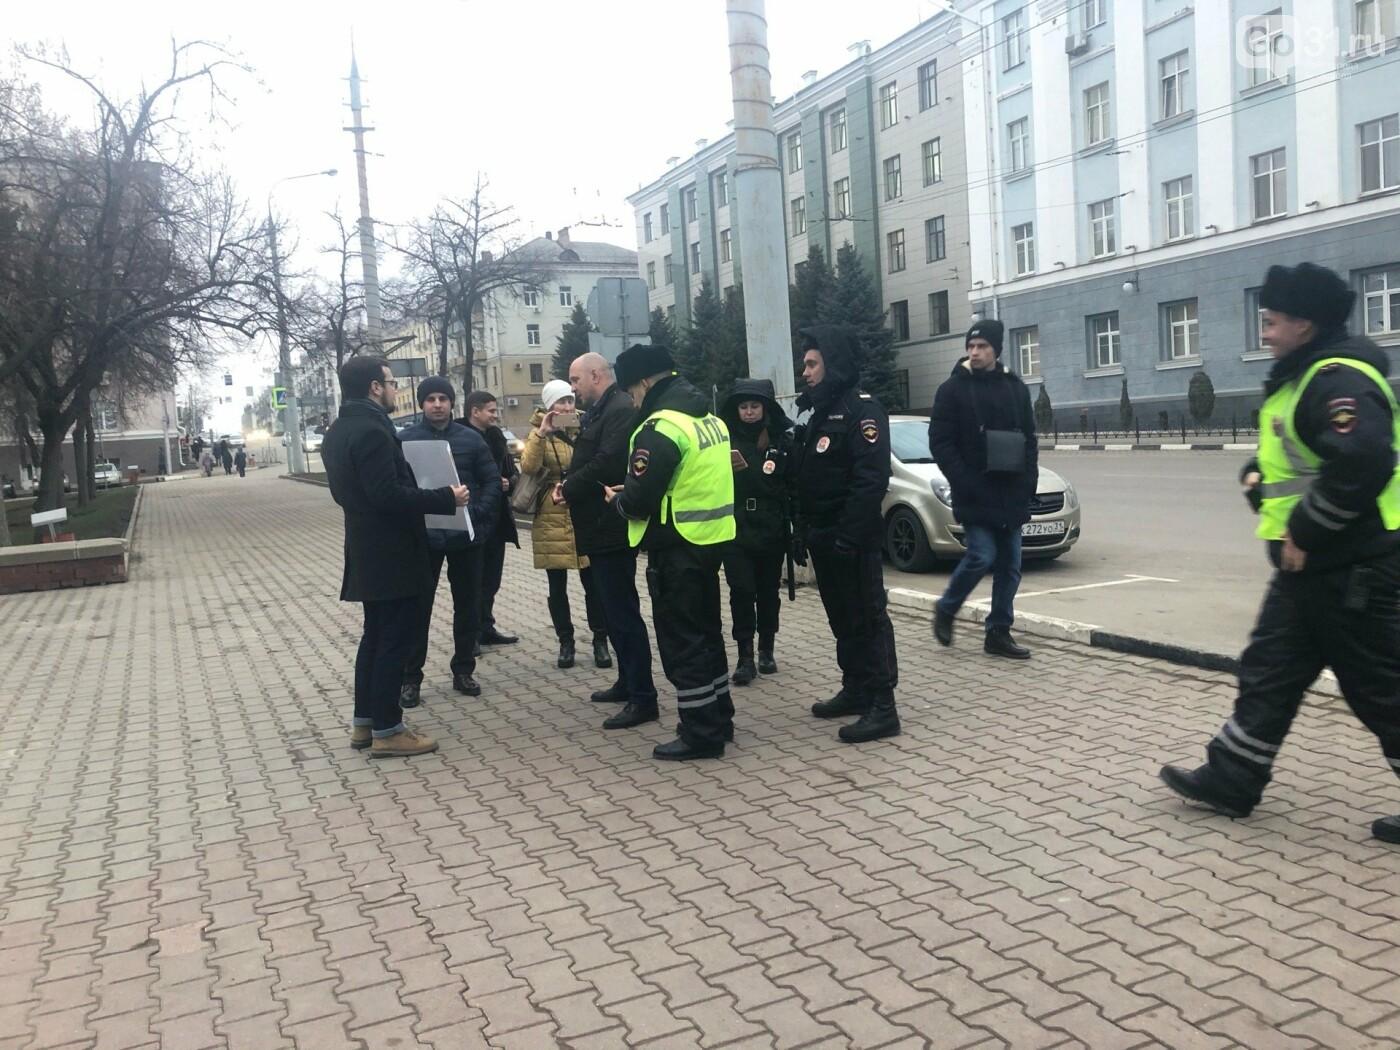 В центре Белгорода вышедшего с одиночным пикетом депутата забрали в полицию, фото-1